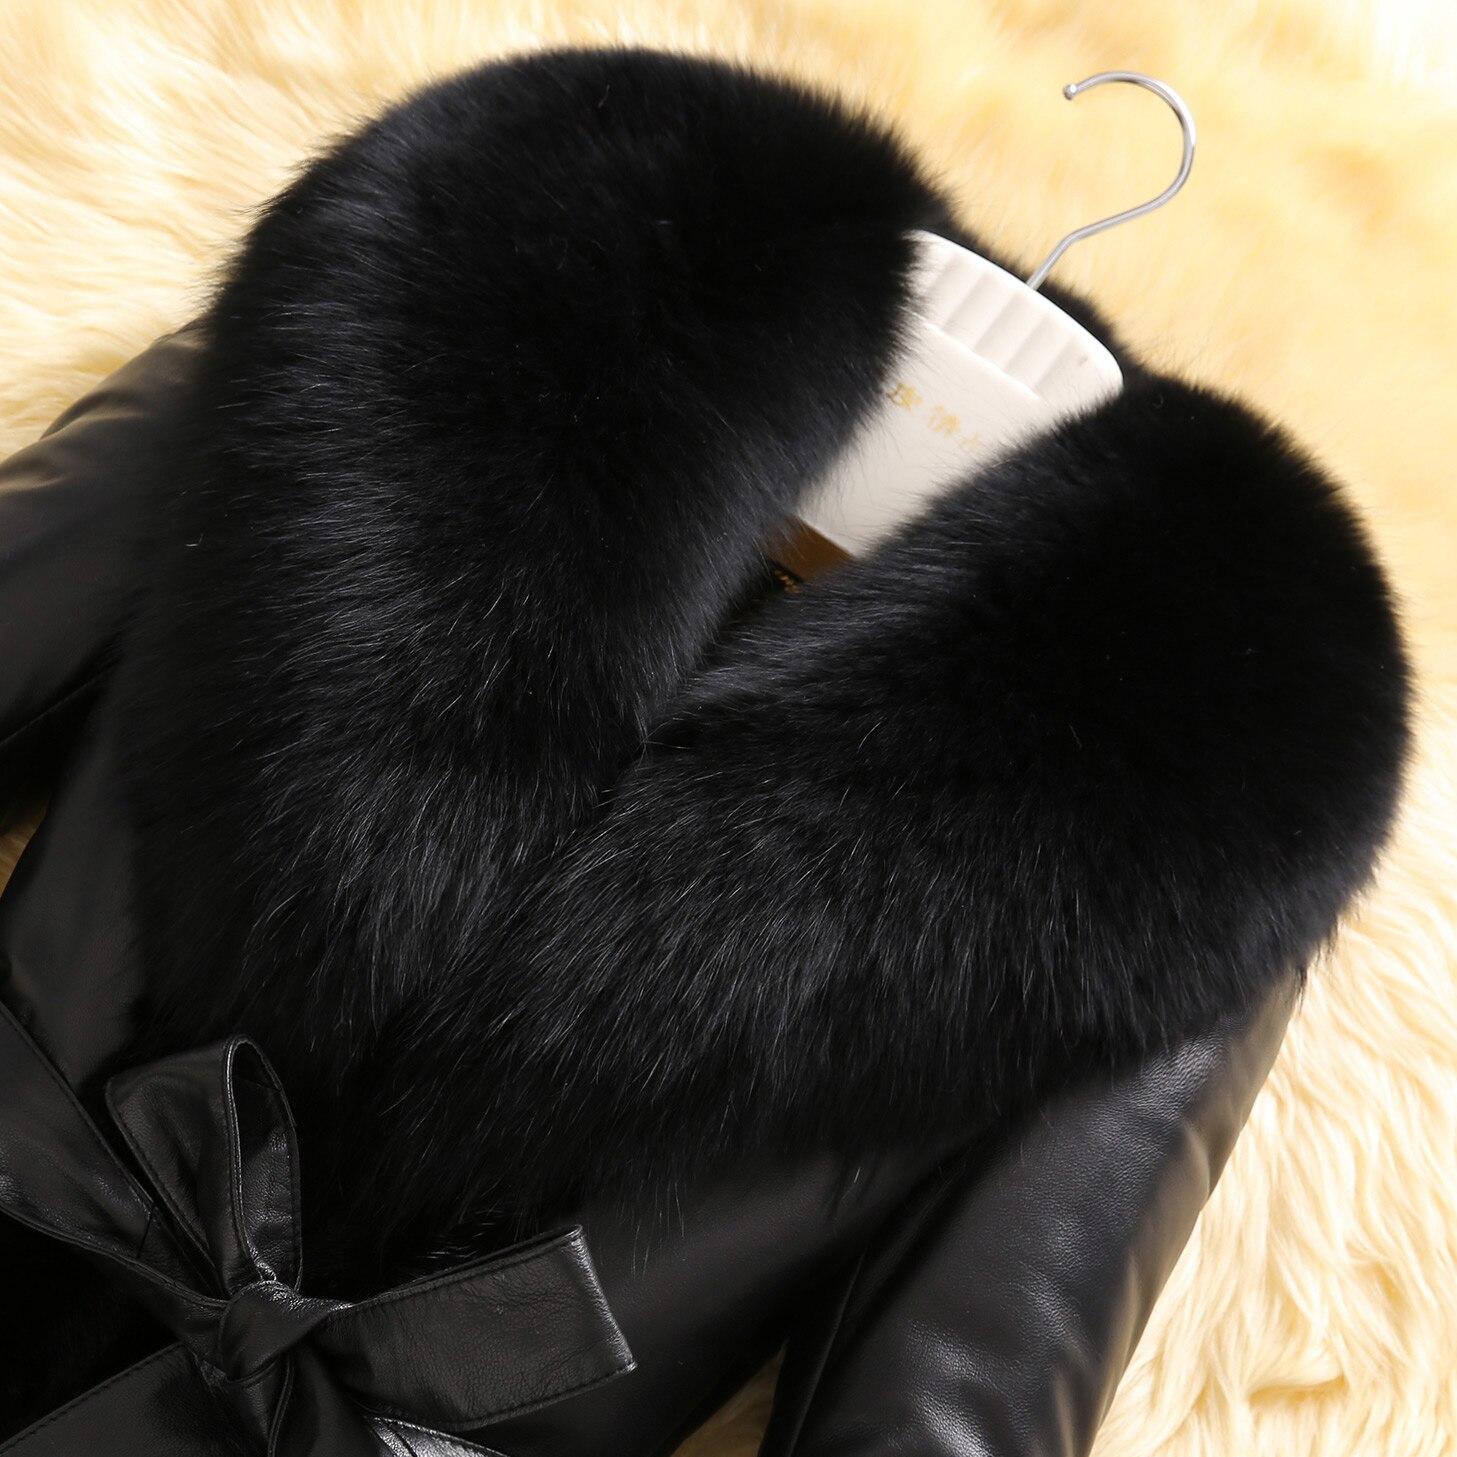 De Mouton Peau La Véritable Manteau Col Vison Noir Fourrure Fox En Femmes Veste Plus Manteaux Hiver Haute Taille 6xl Patchwork Z206 Réel Cuir Qualité wY7Yq6xO